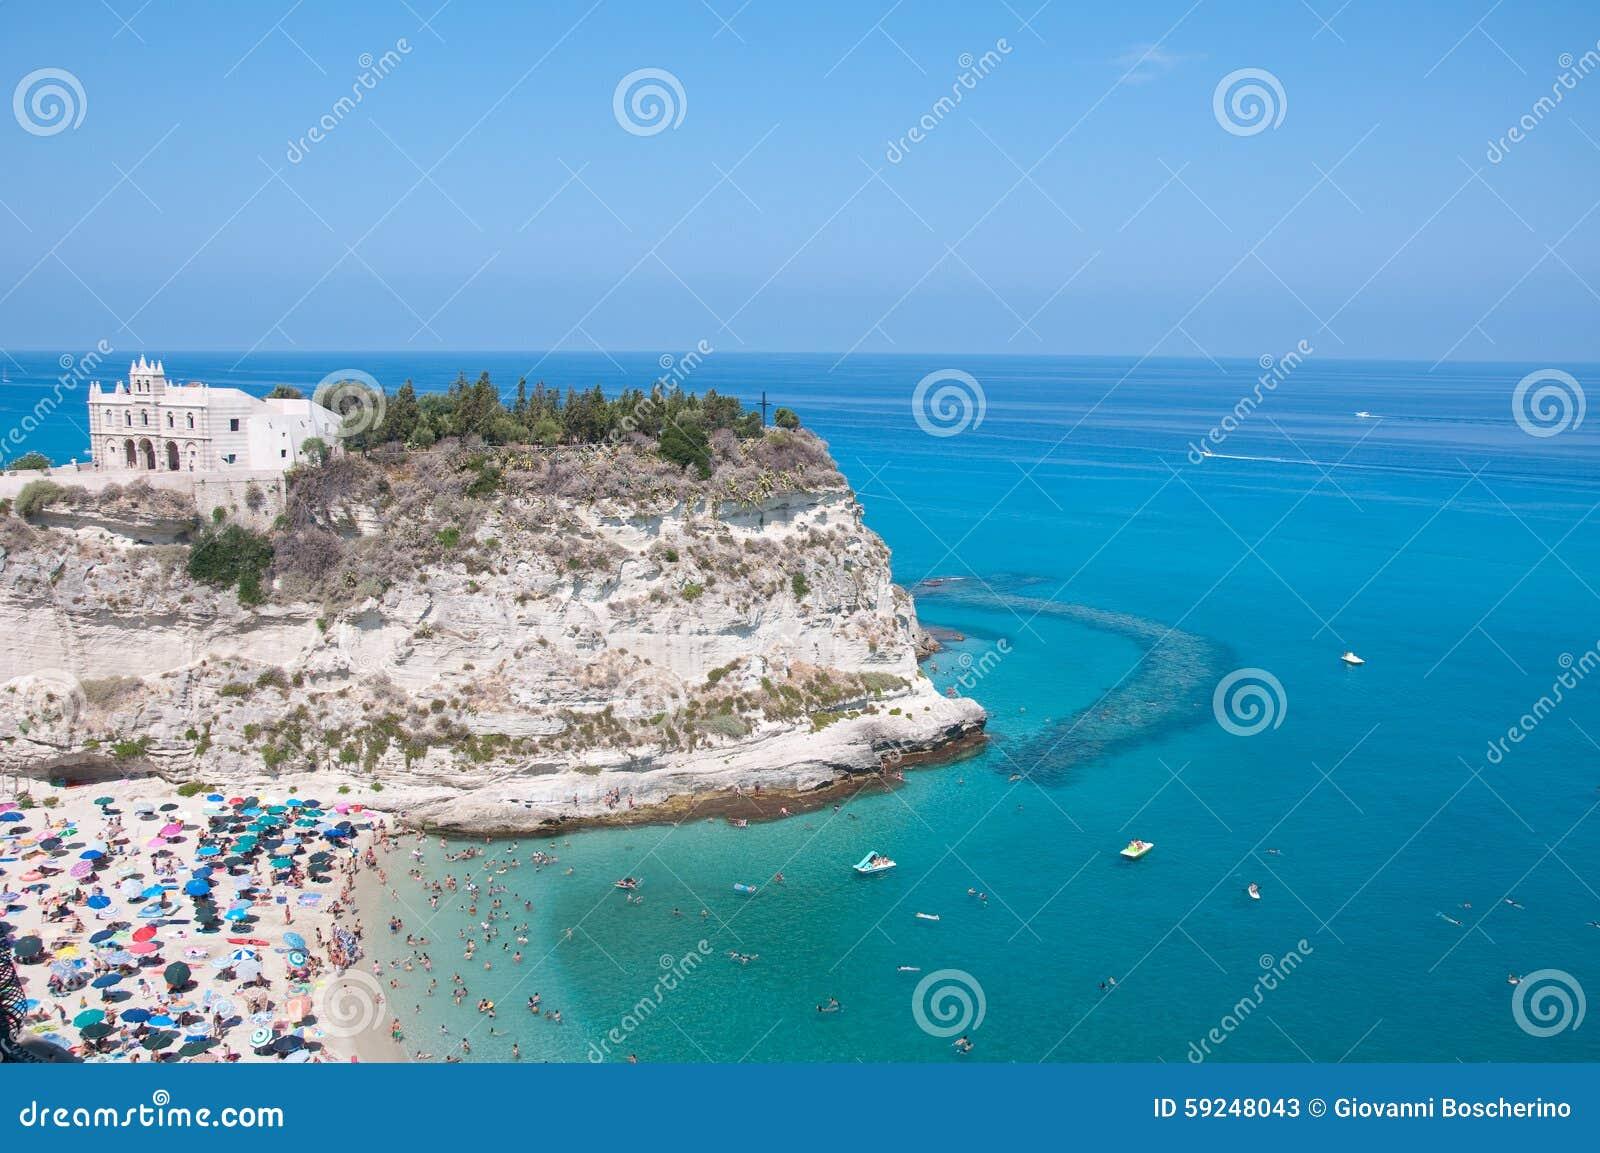 Vista superior de la iglesia situada en la isla de Tropea, Calabria